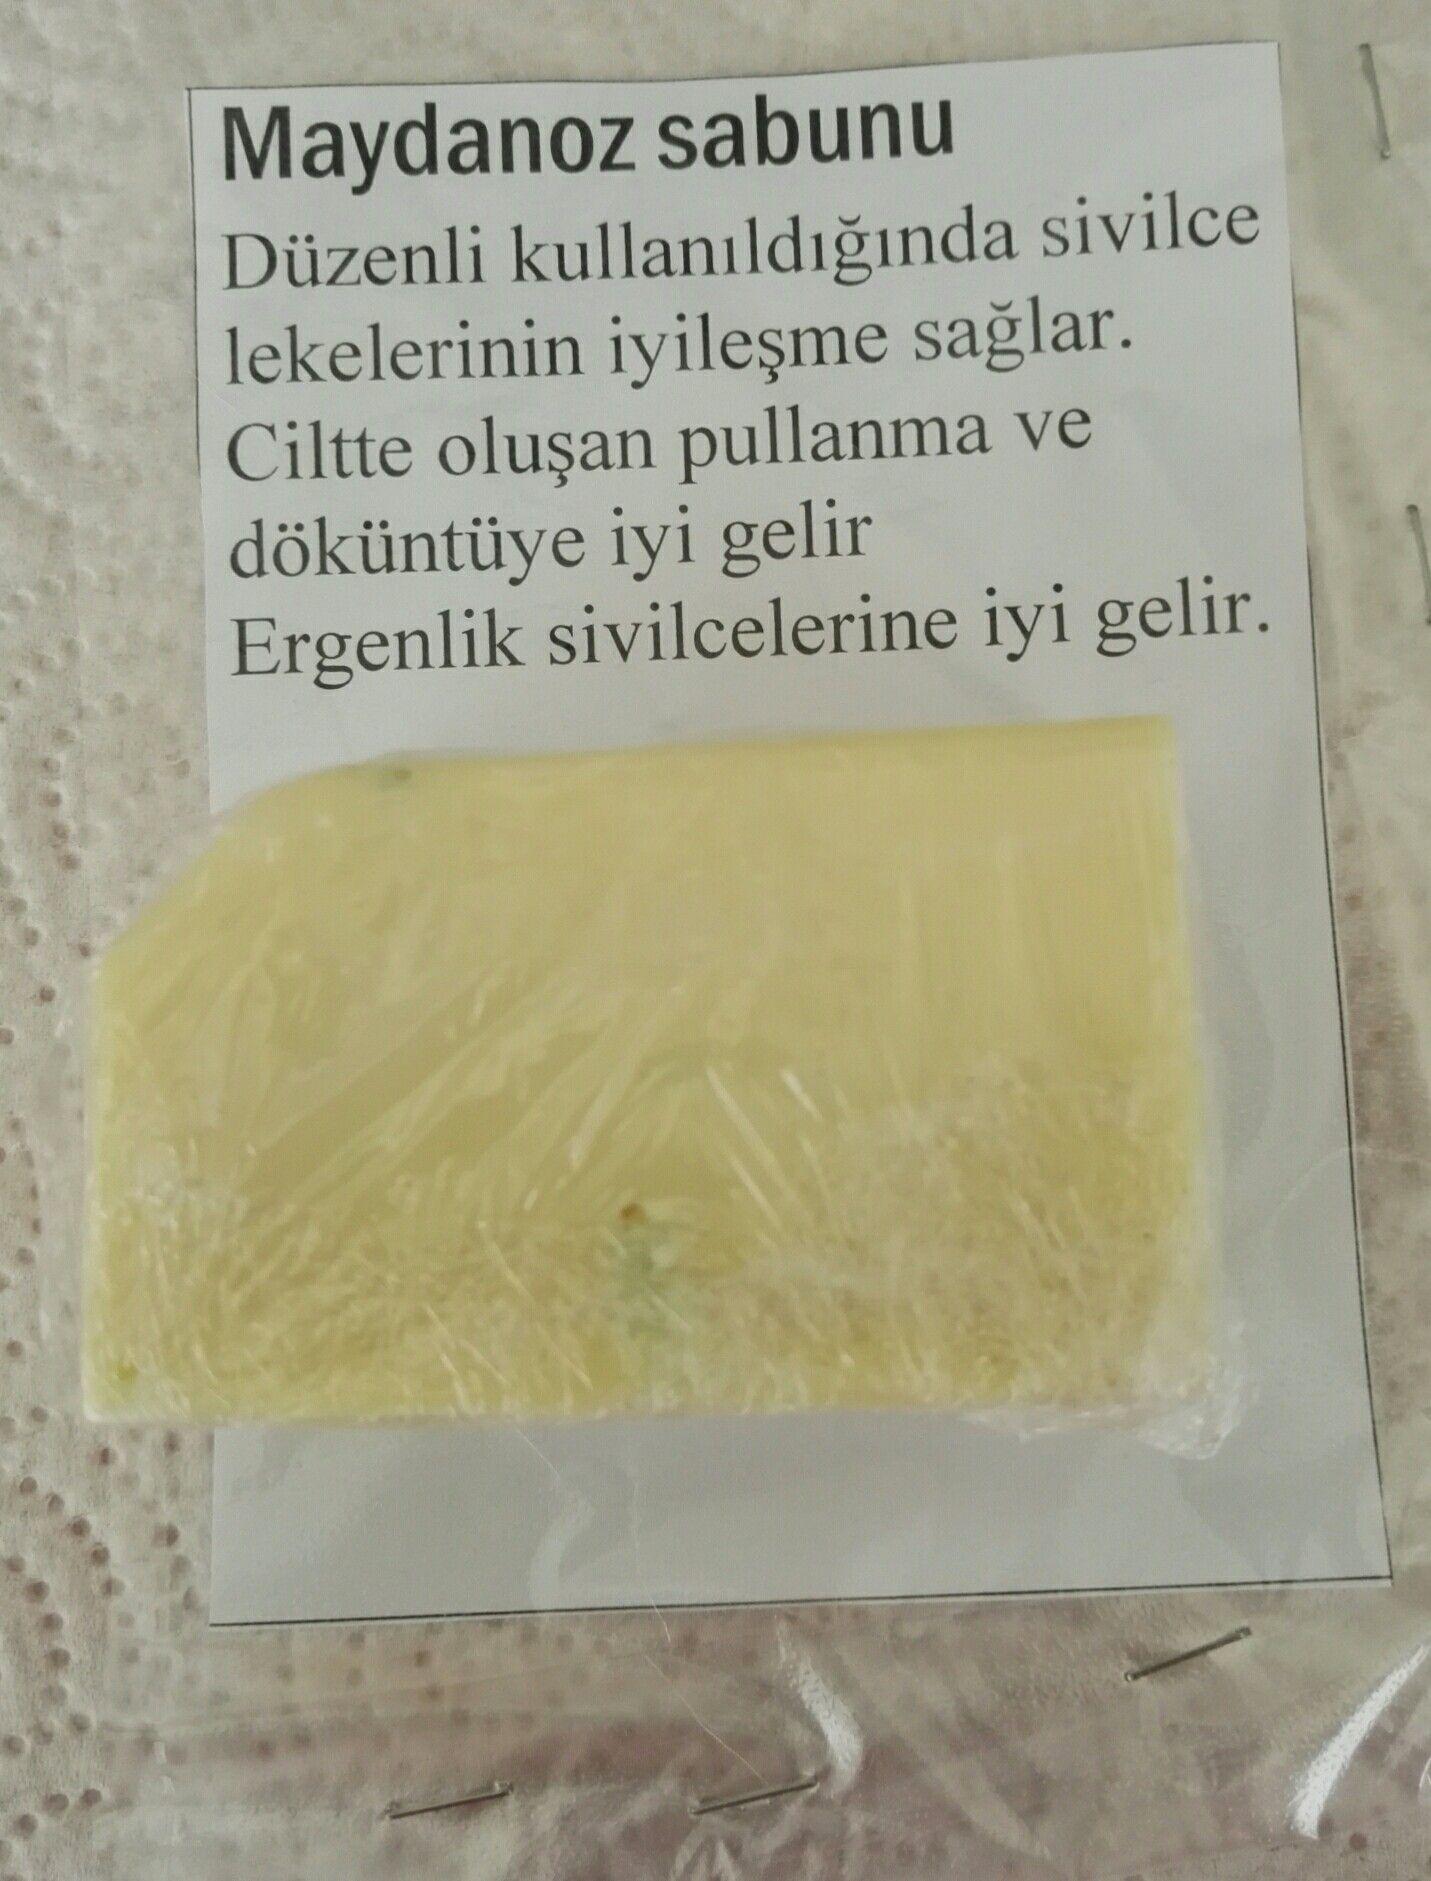 Ayni sefa sabunu sabun pinterest